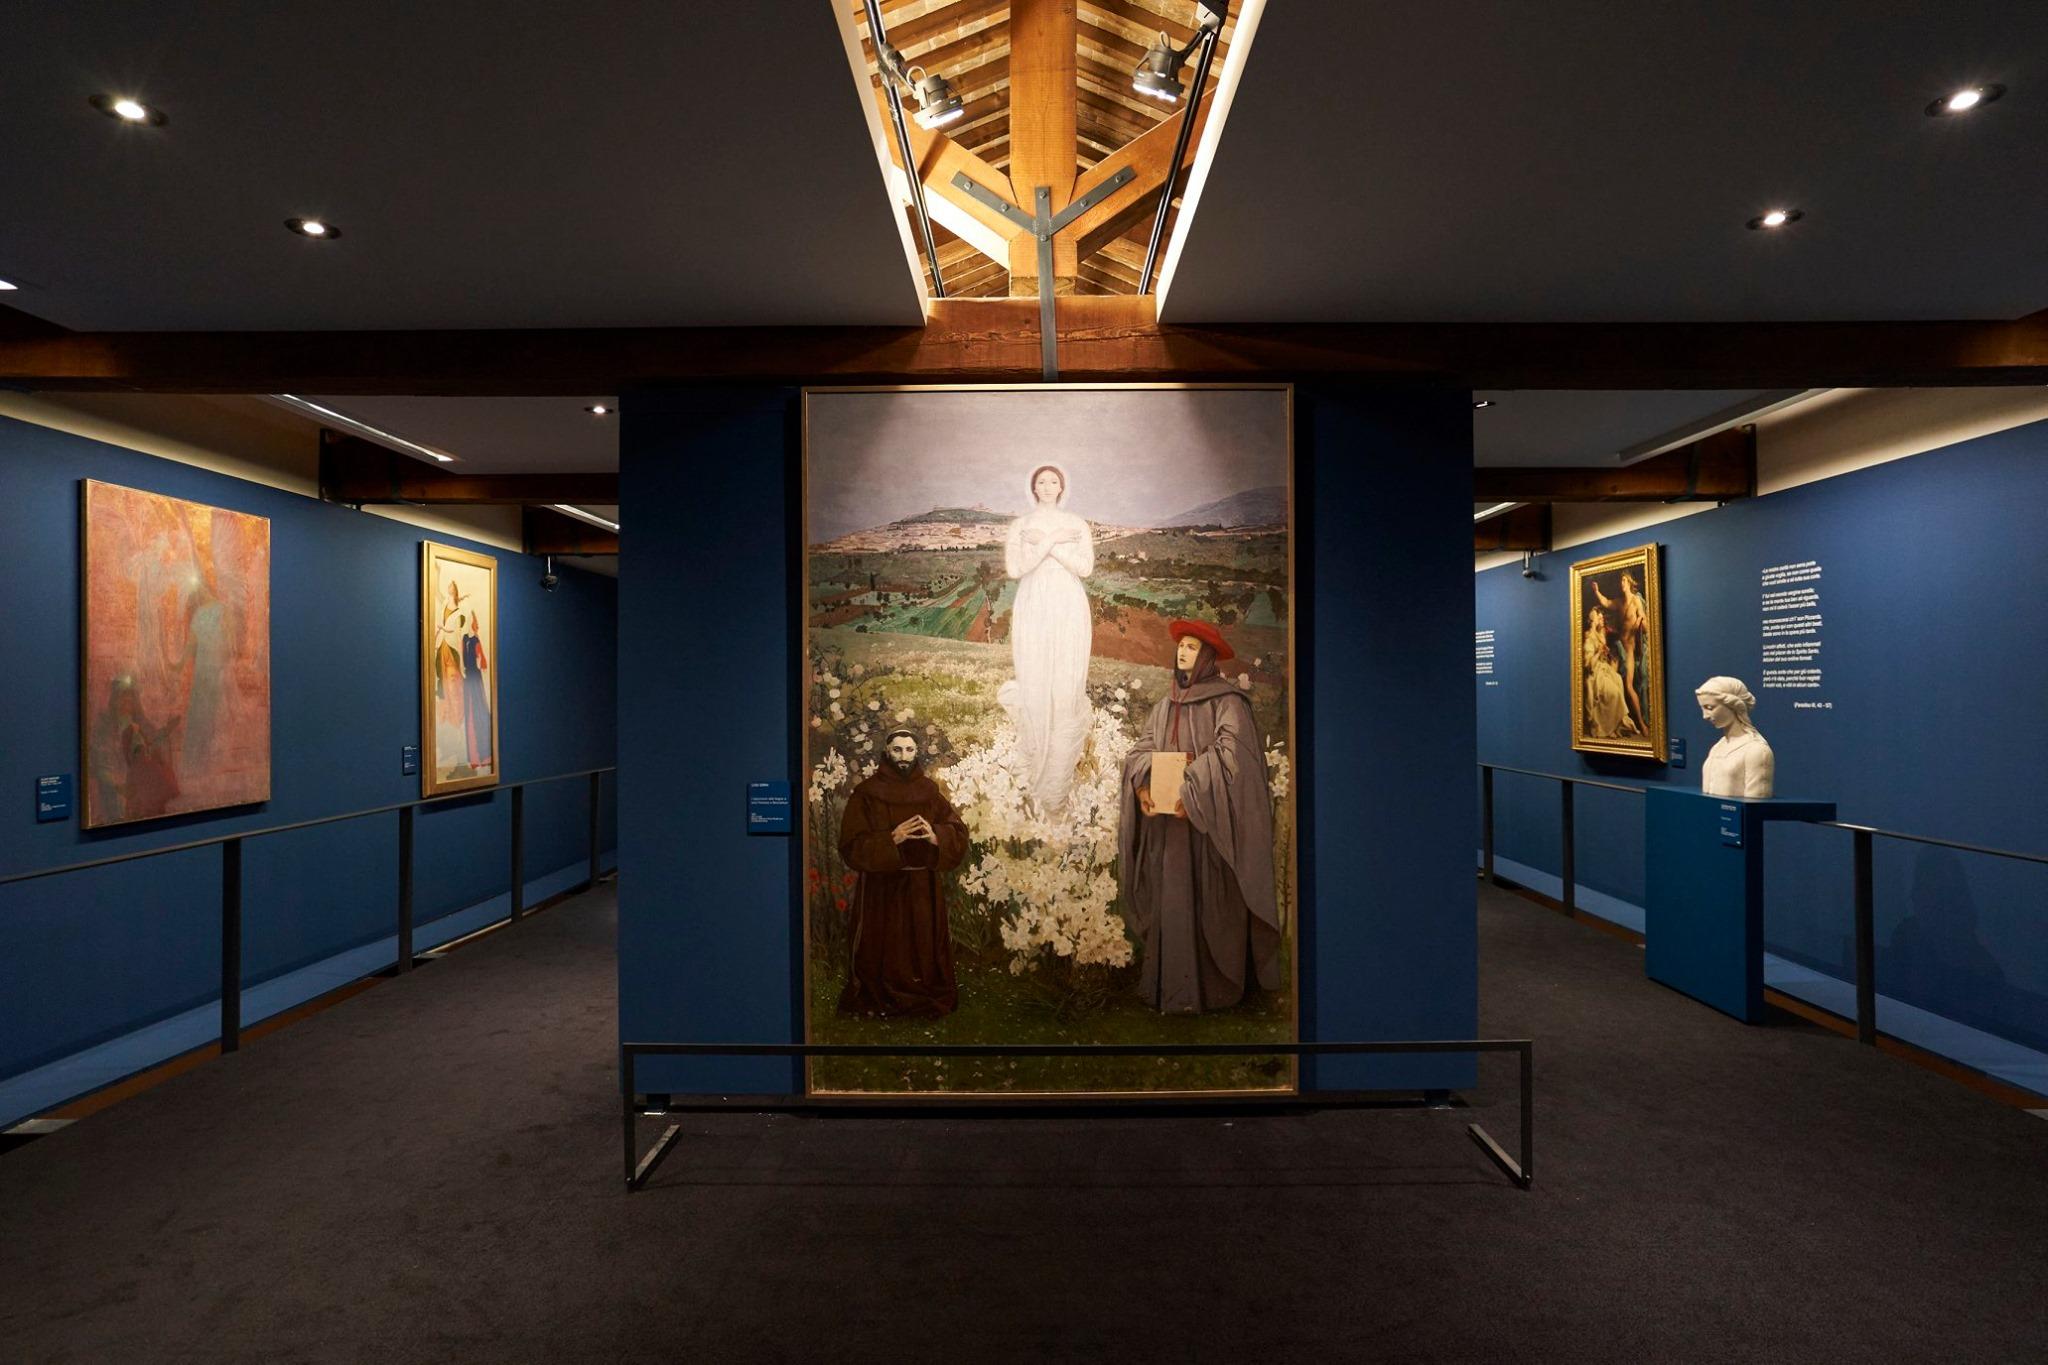 La mostra su Dante a Forlì (che chiude con 40mila visitatori) diventa un film